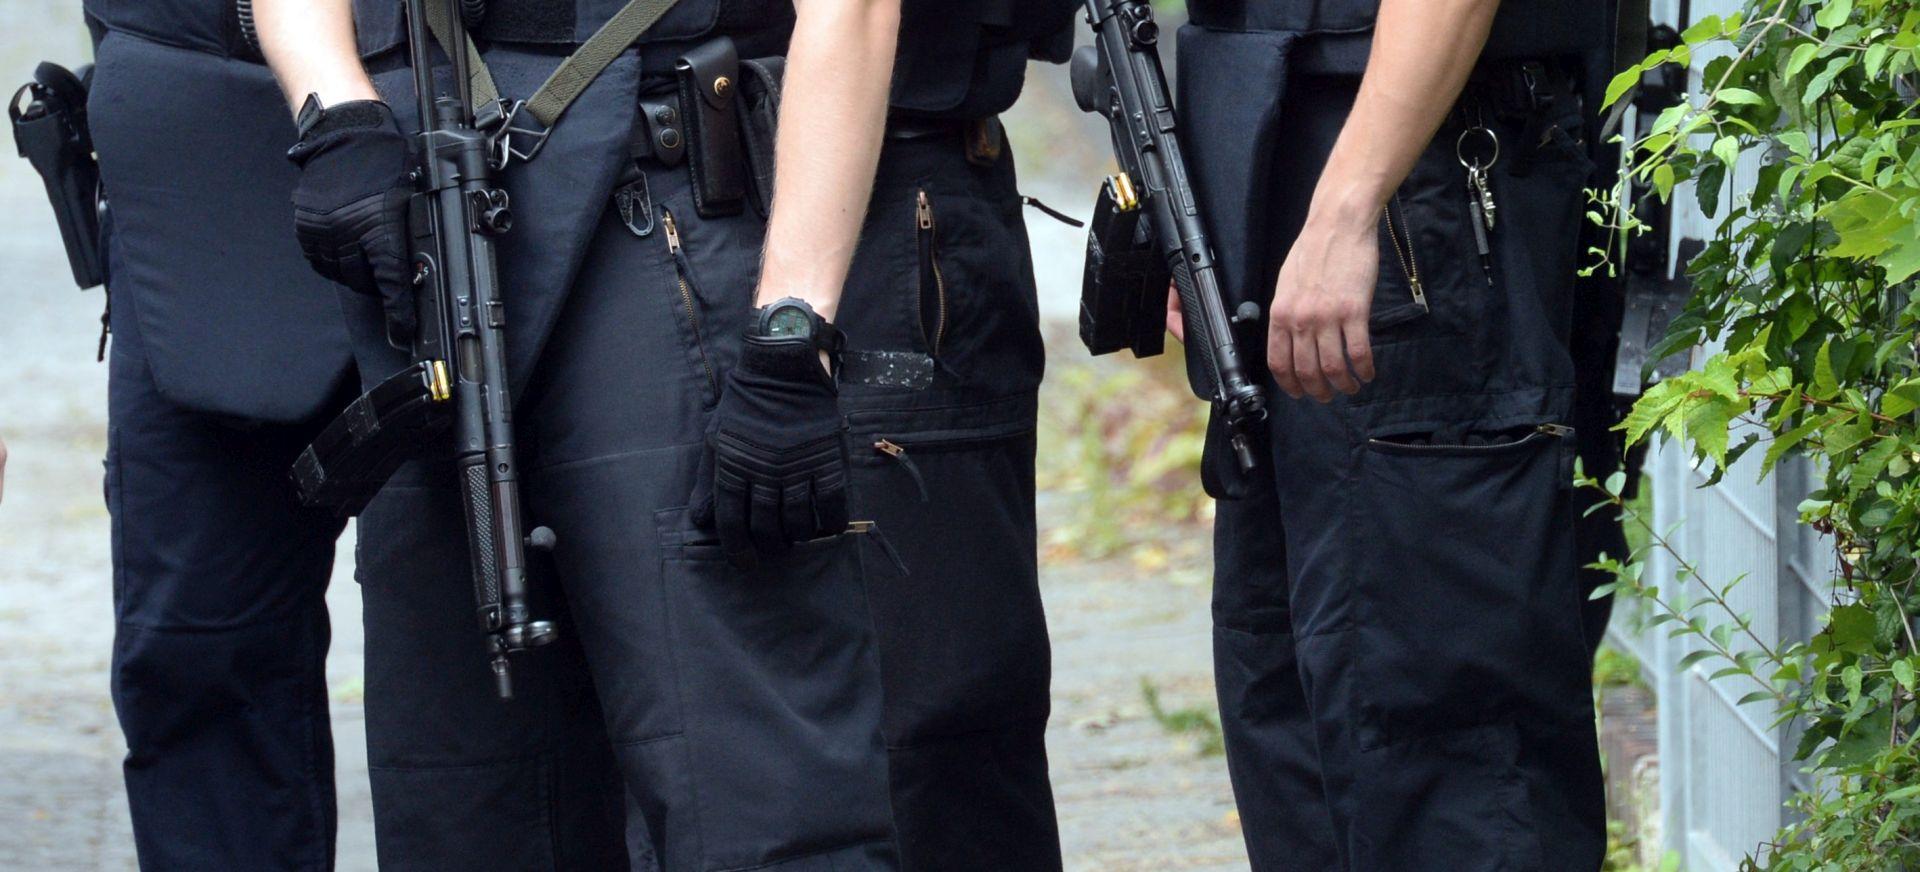 Uhićen Nijemac osumnjičen za prodaju oružja napadaču iz Muenchena